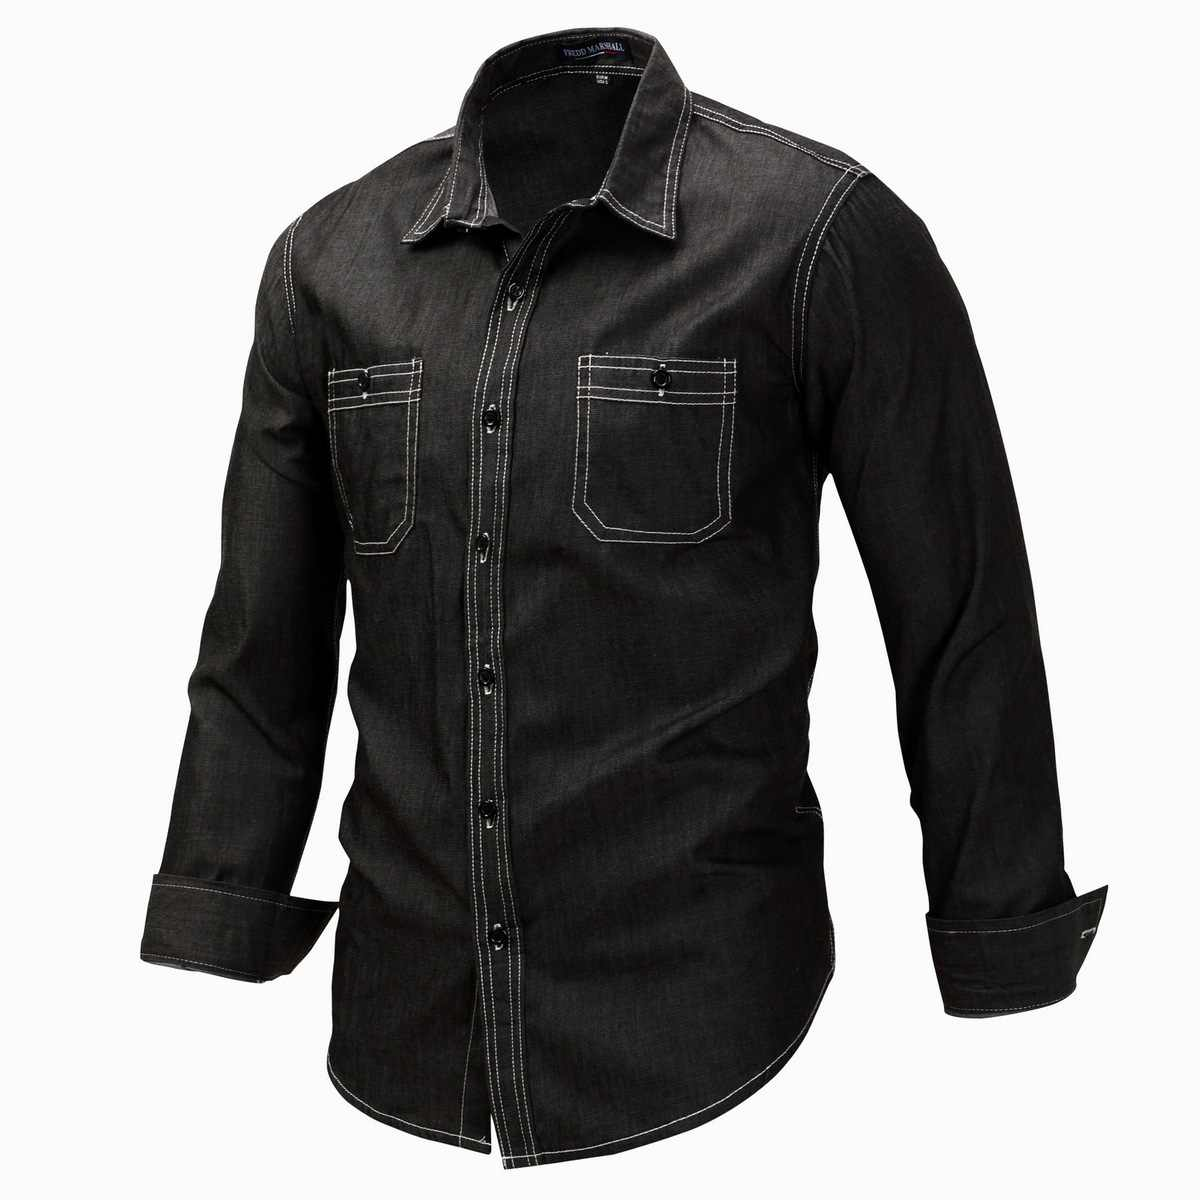 Демисезонный мужской открытый восхождение обучение верховой езде Армия Тактический рубашка Большой Размеры Для мужчин с длинными рукавами с лацканами кардиган джинсовые рубашки